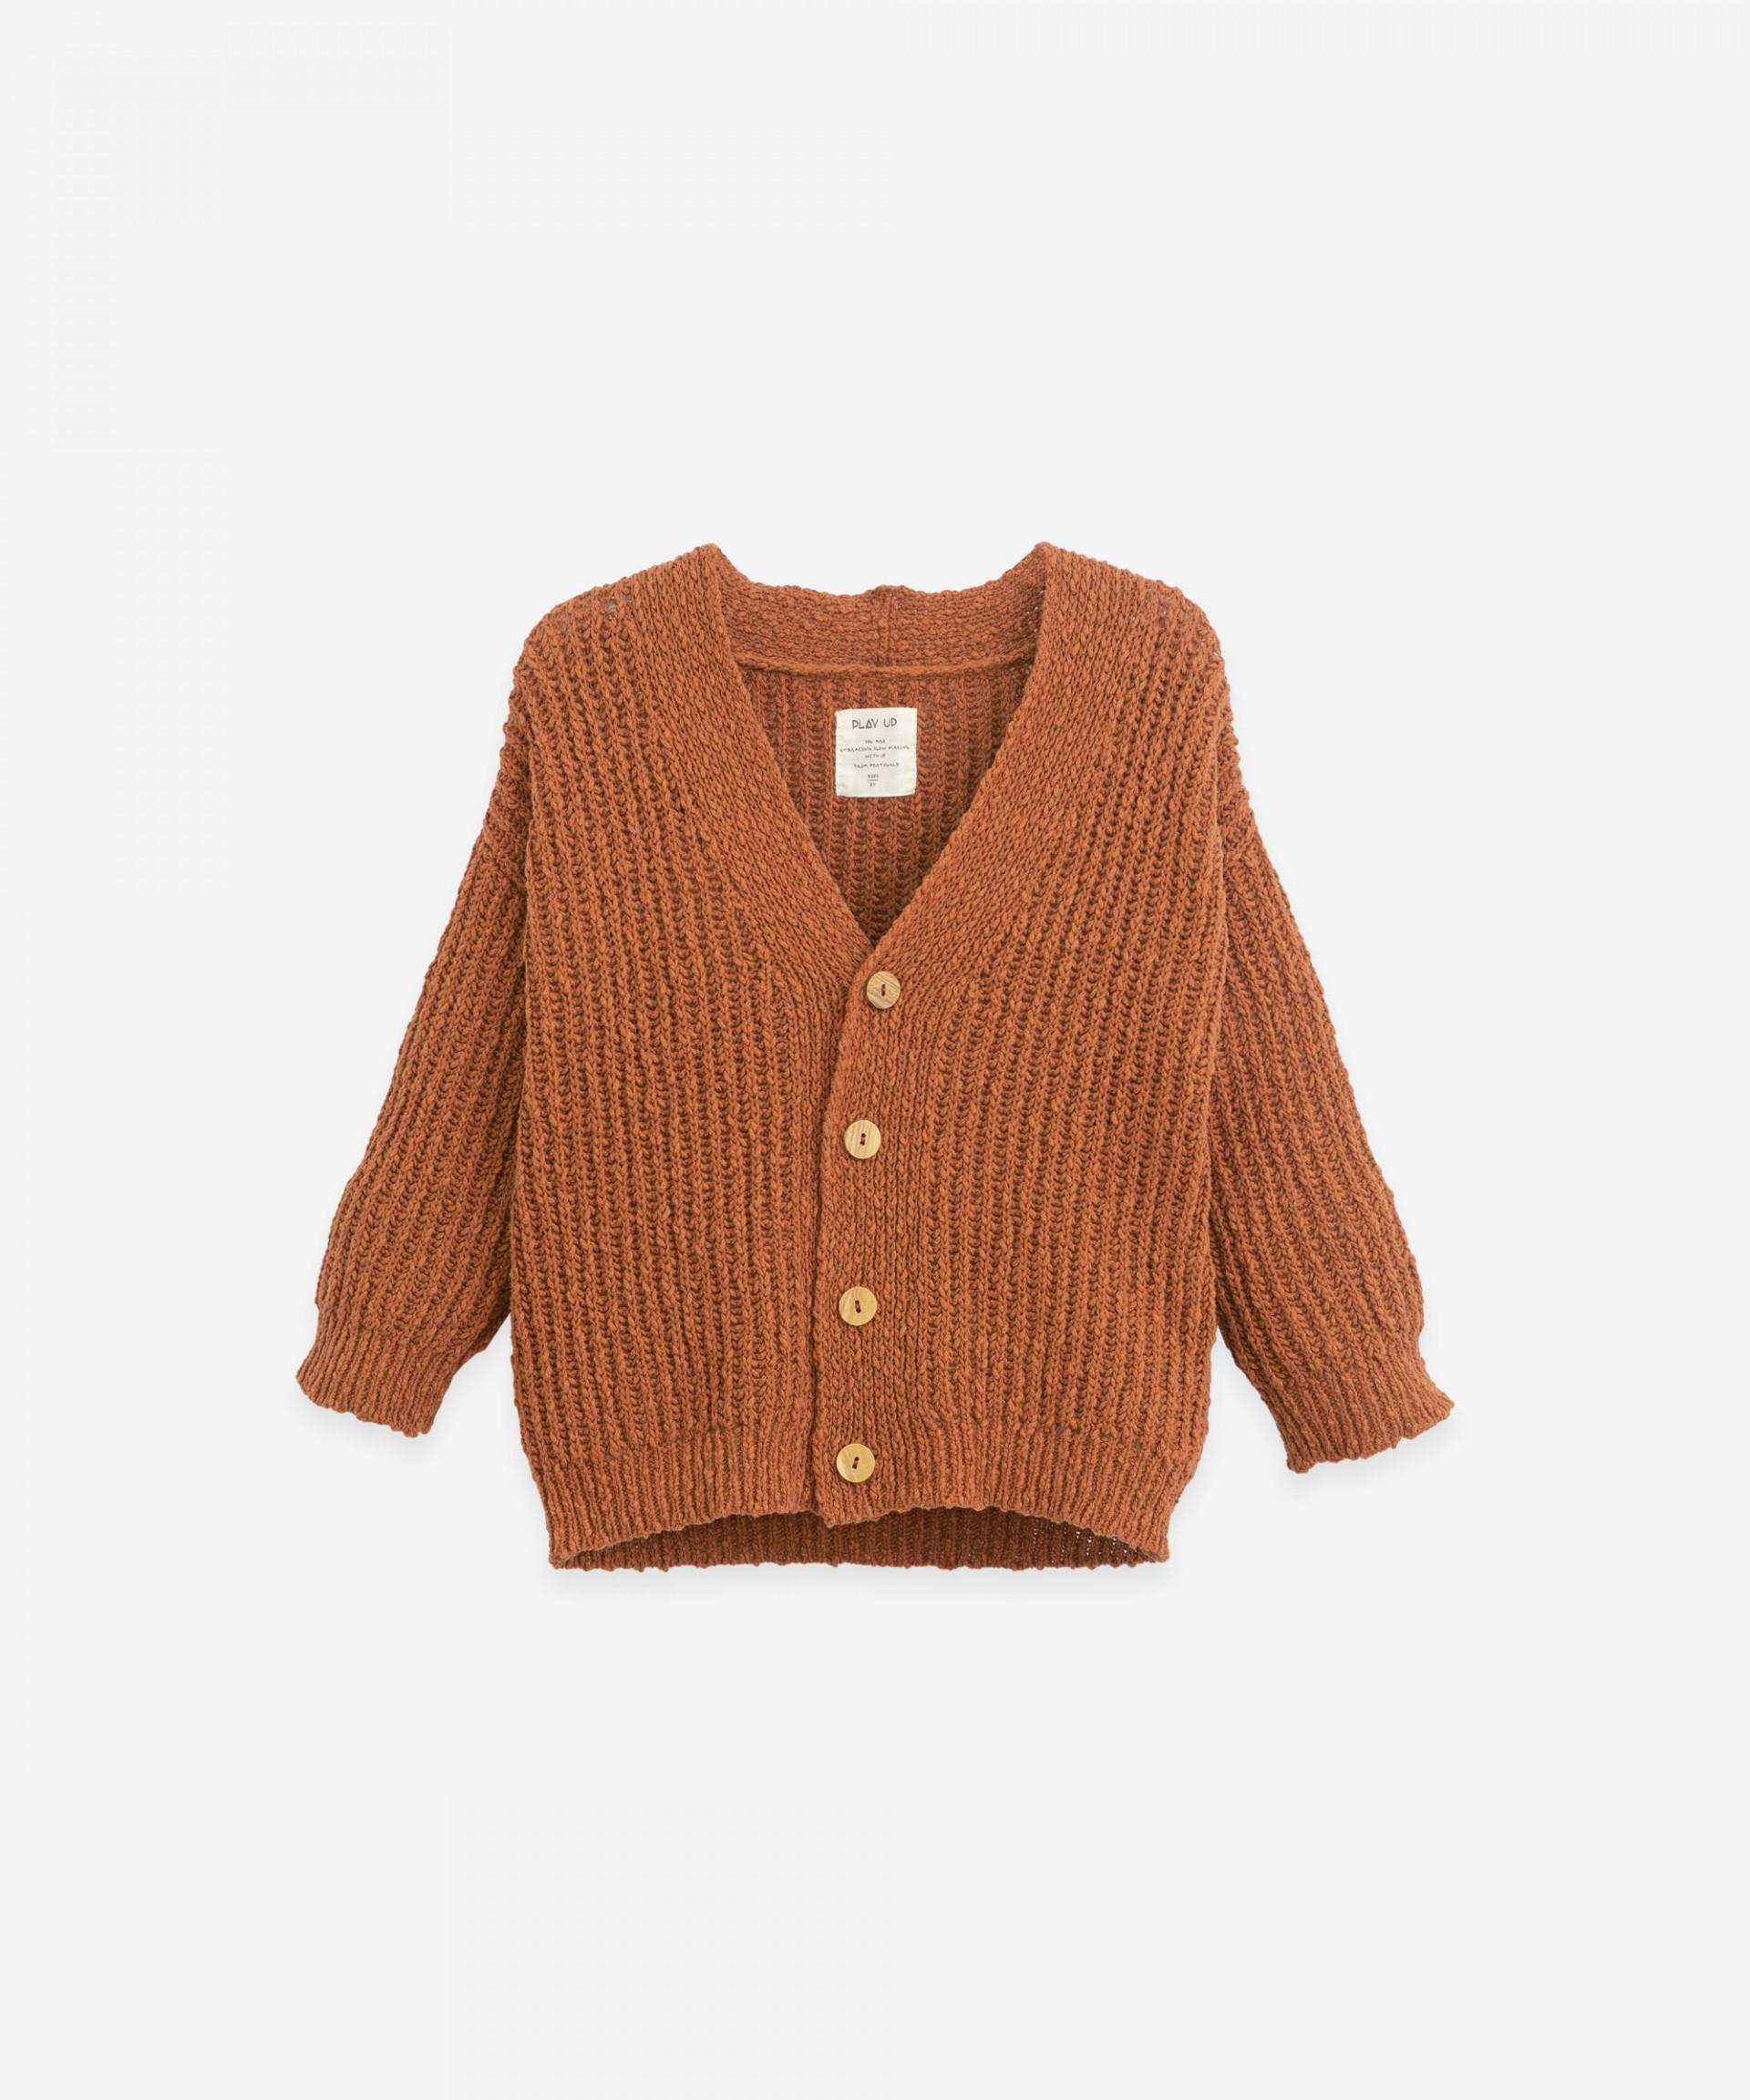 Knitted-effect jacket | Botany